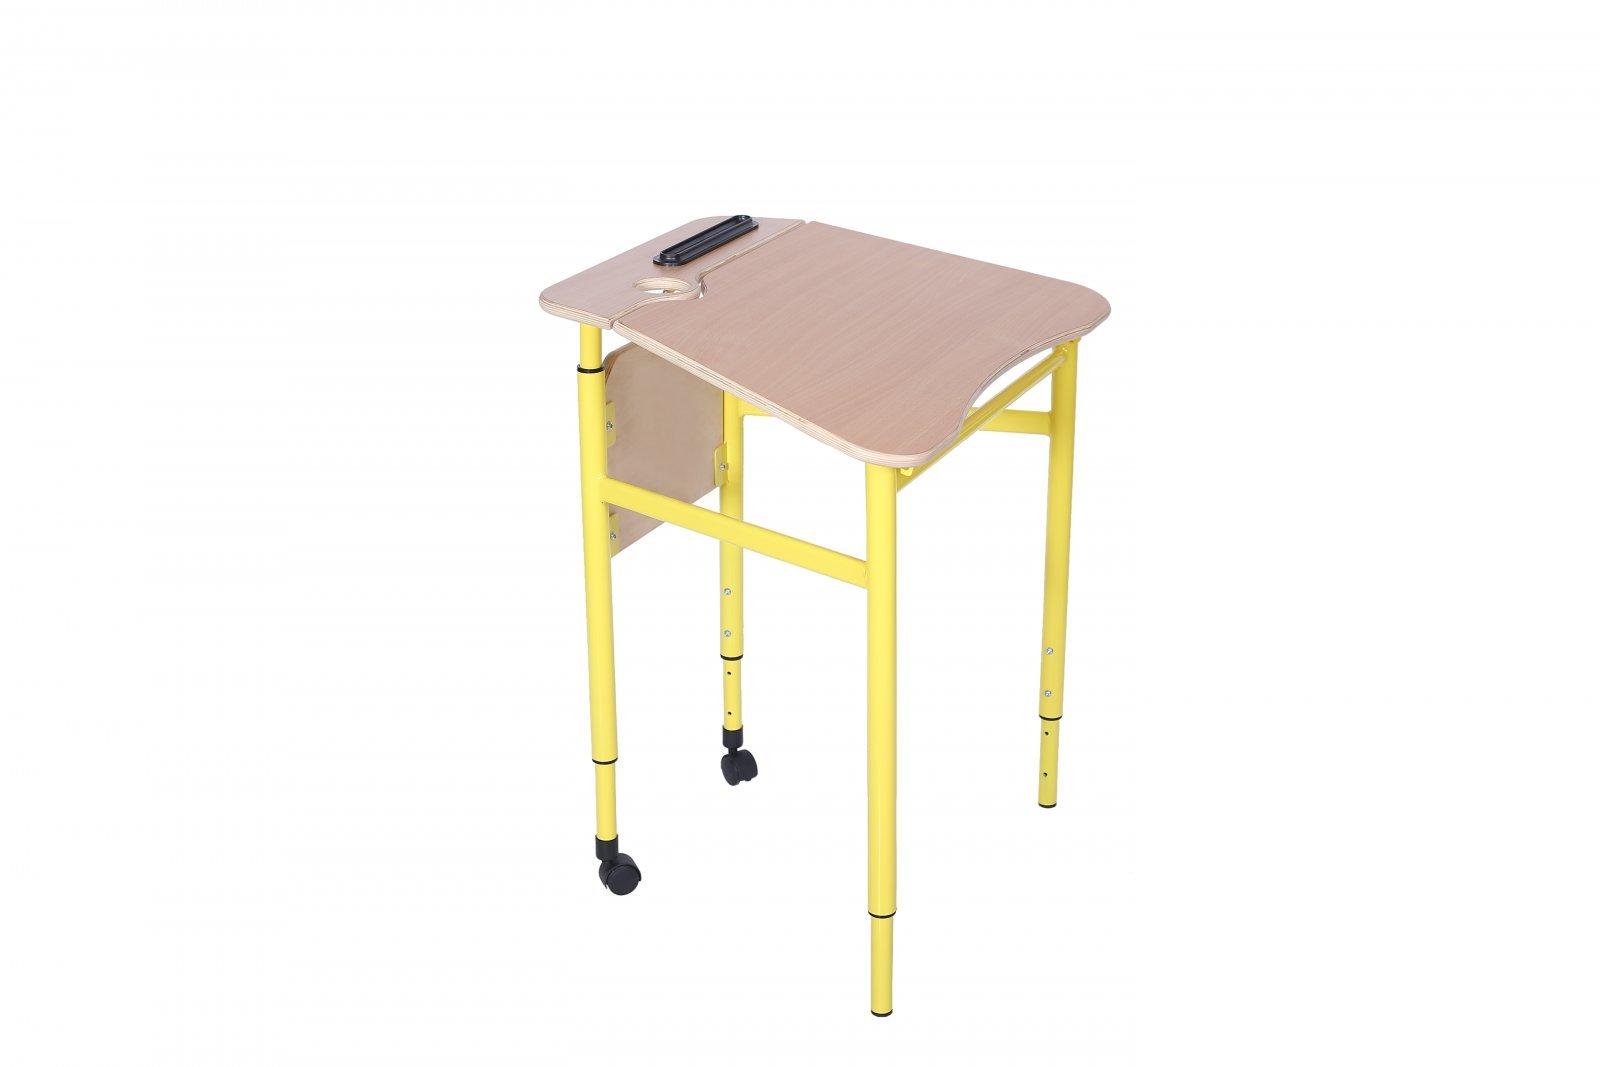 Фото - Стол трапецеподобный мобильный с регулировкой угла наклона столешницы, №3-5 (70341)